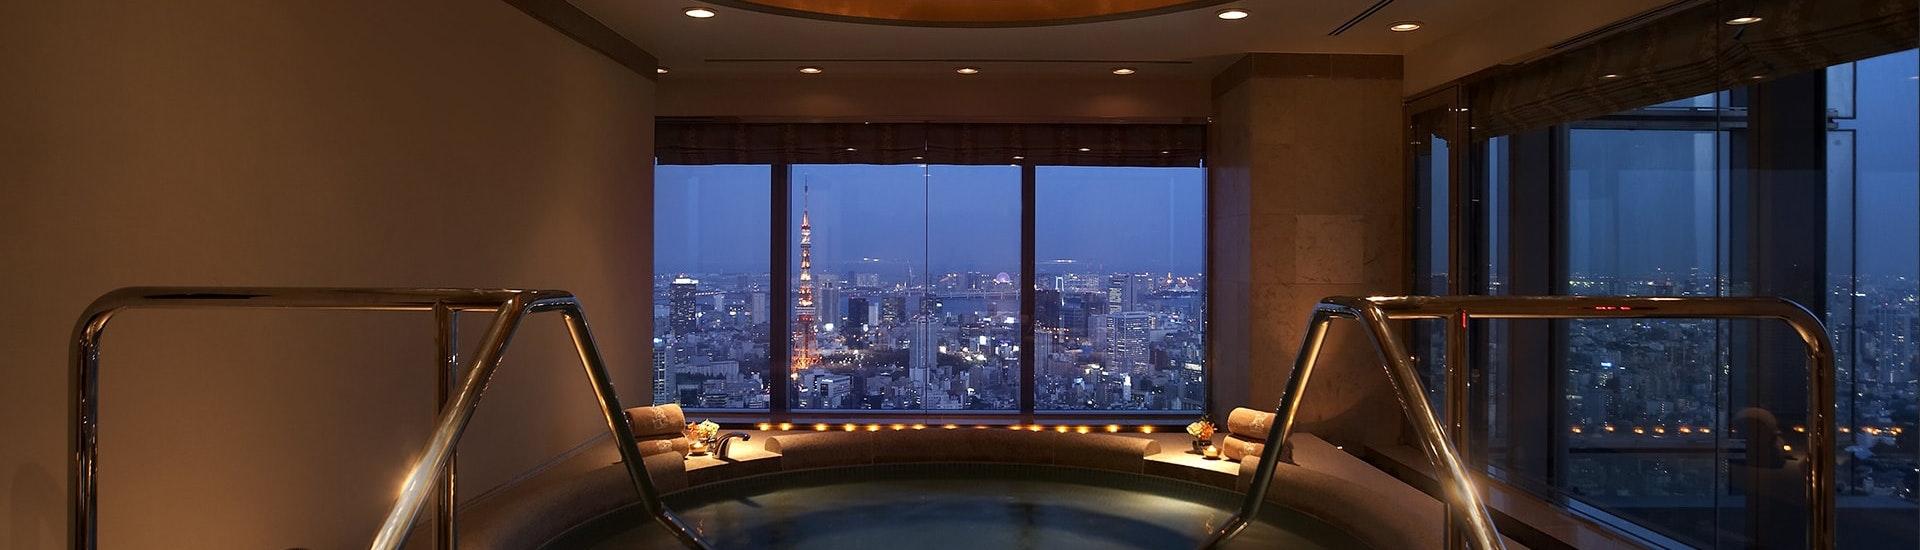 ザ・リッツ・カールトン・スパ 東京